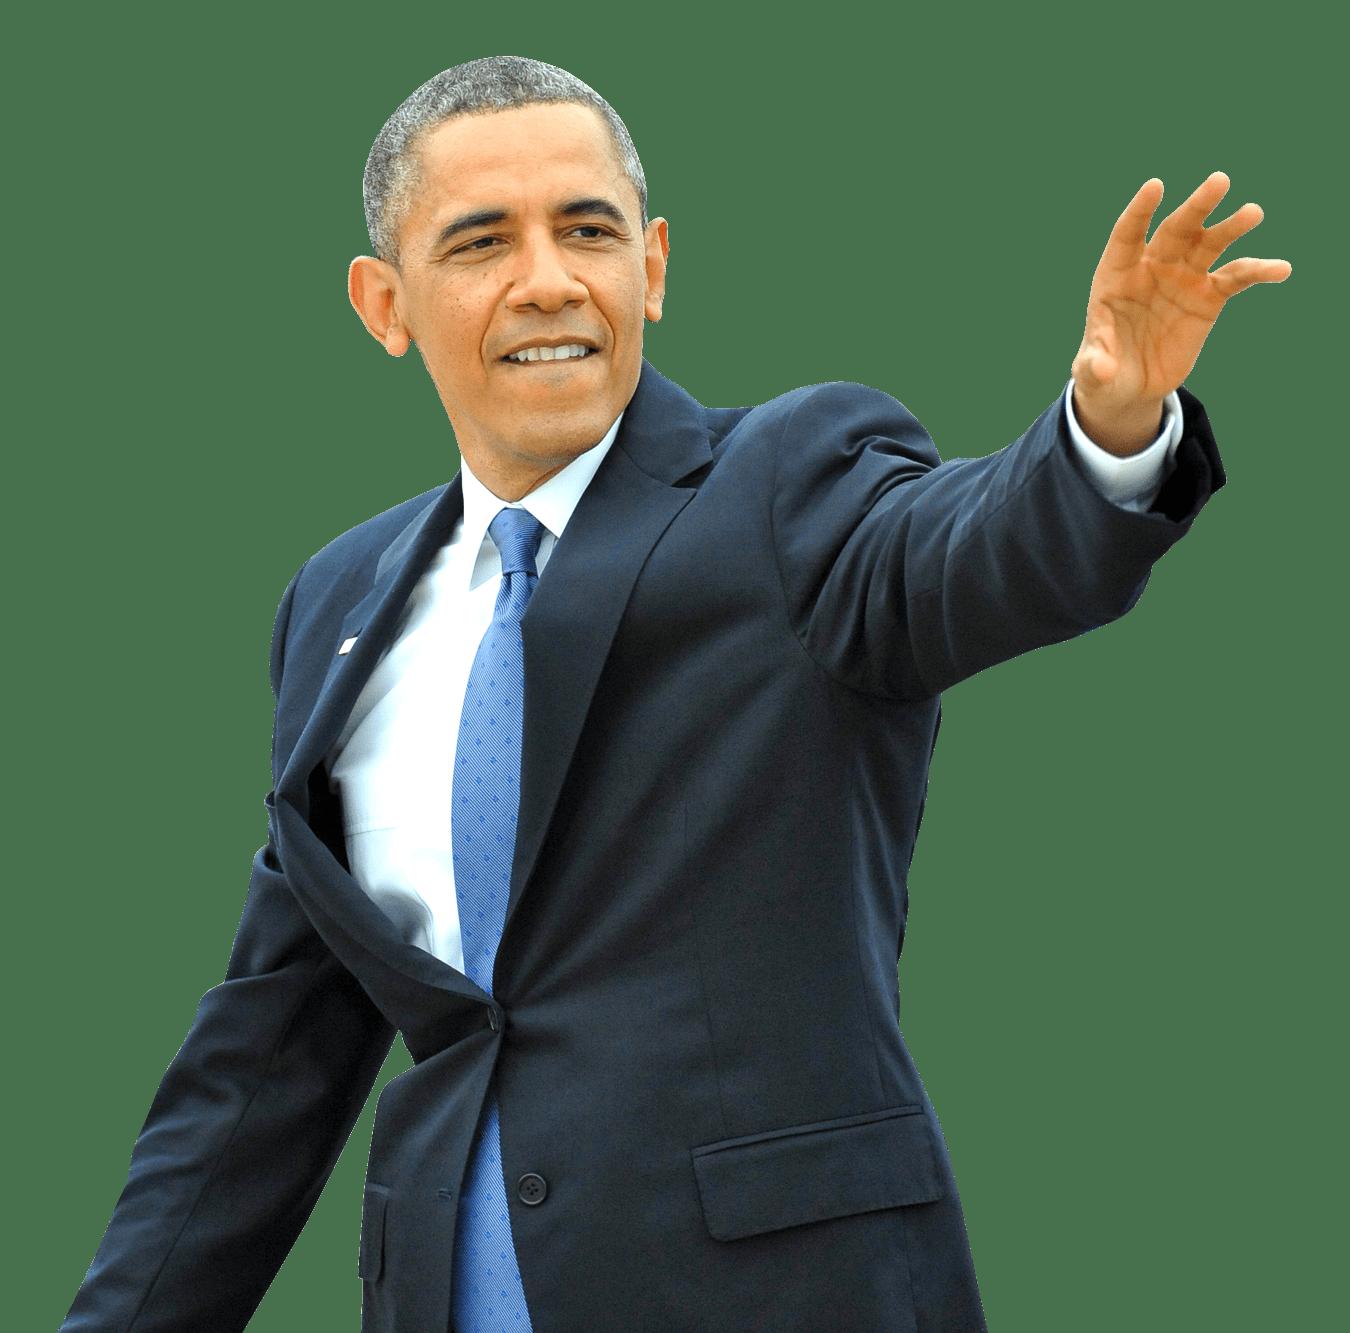 Barack Obama Waving transparent PNG.